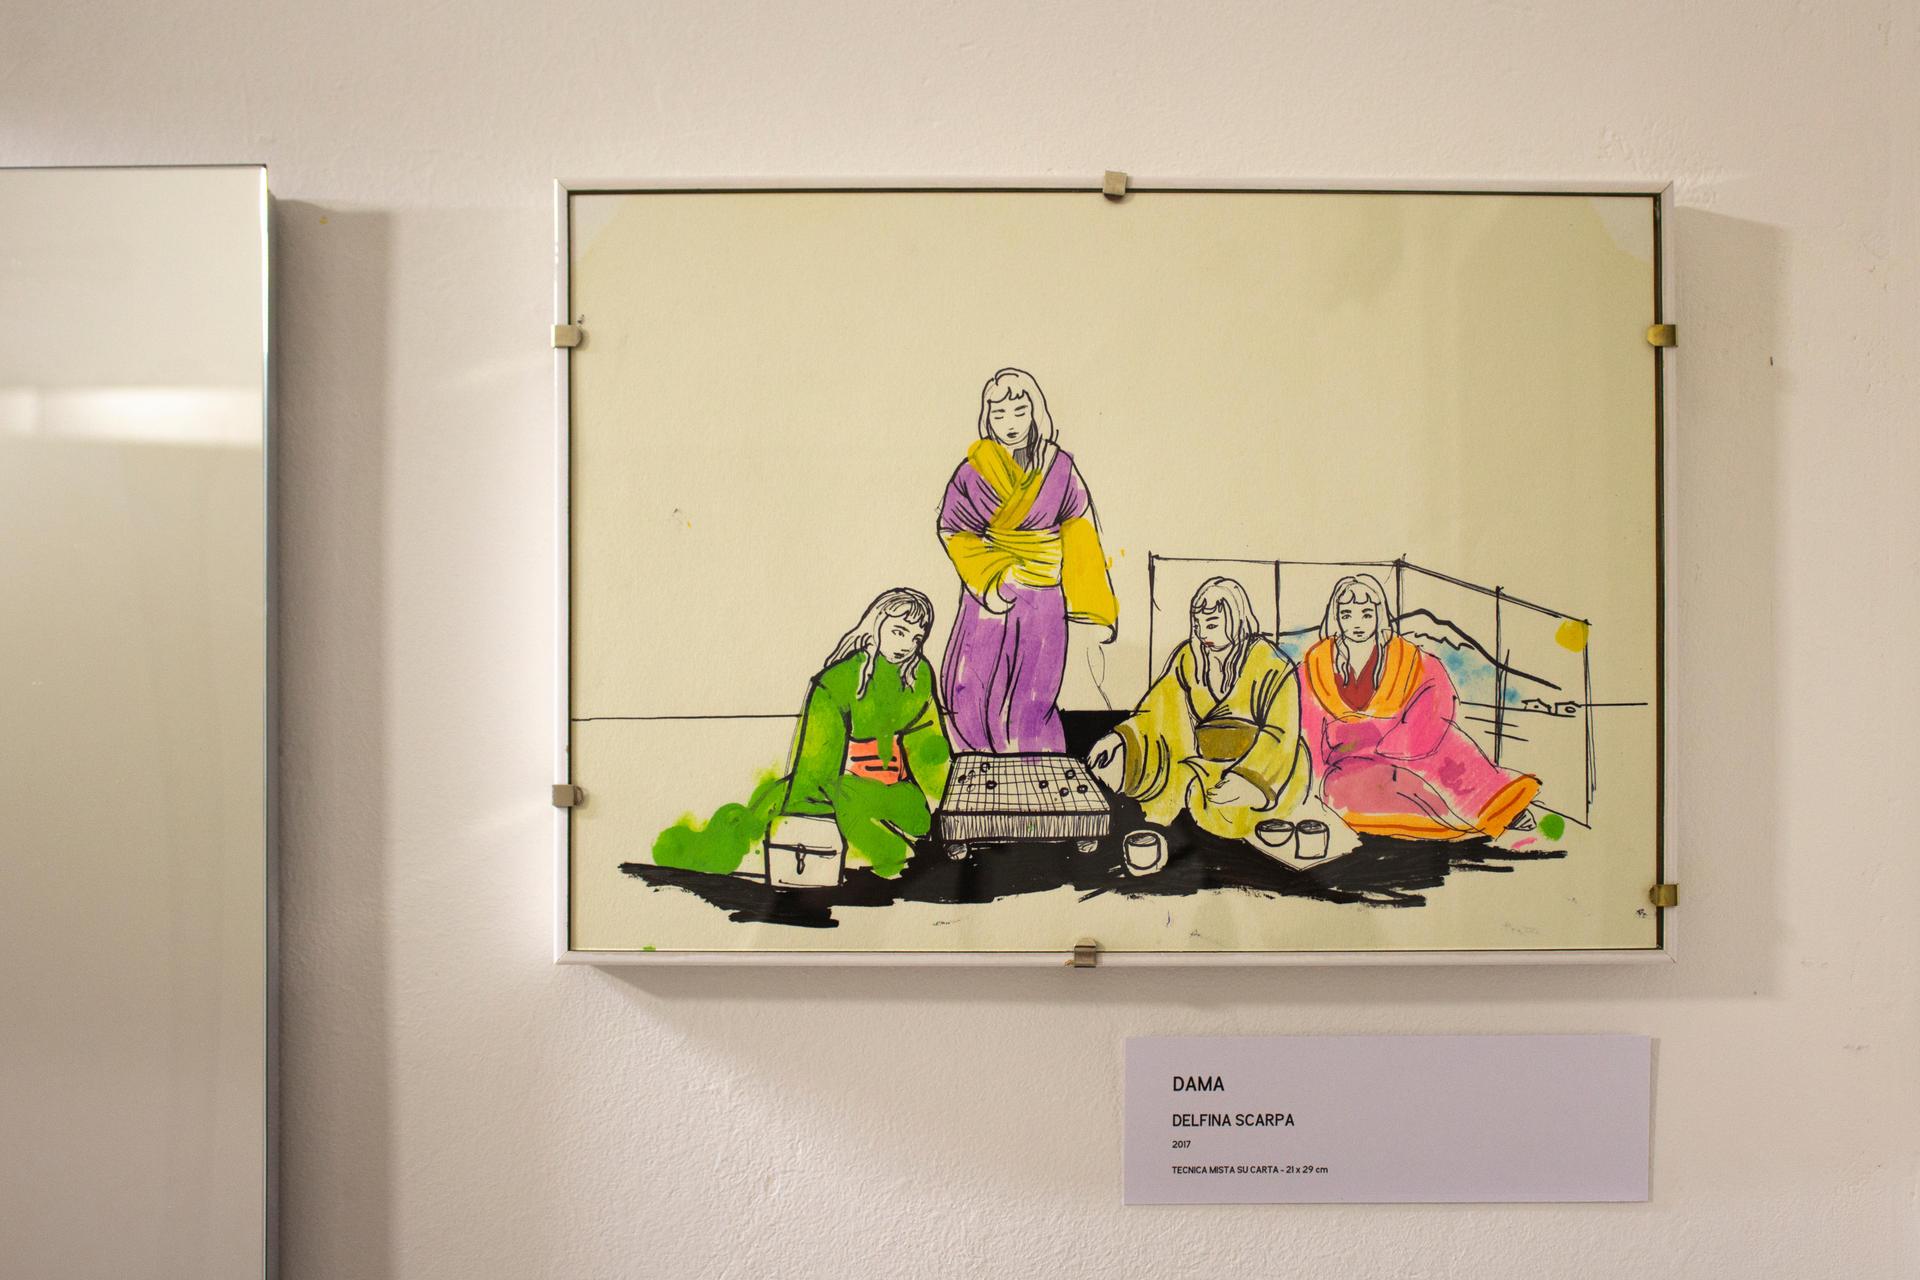 Delfina Scarpa, Dama, 2017, tecnica mista su carta, 21 x 29 cm